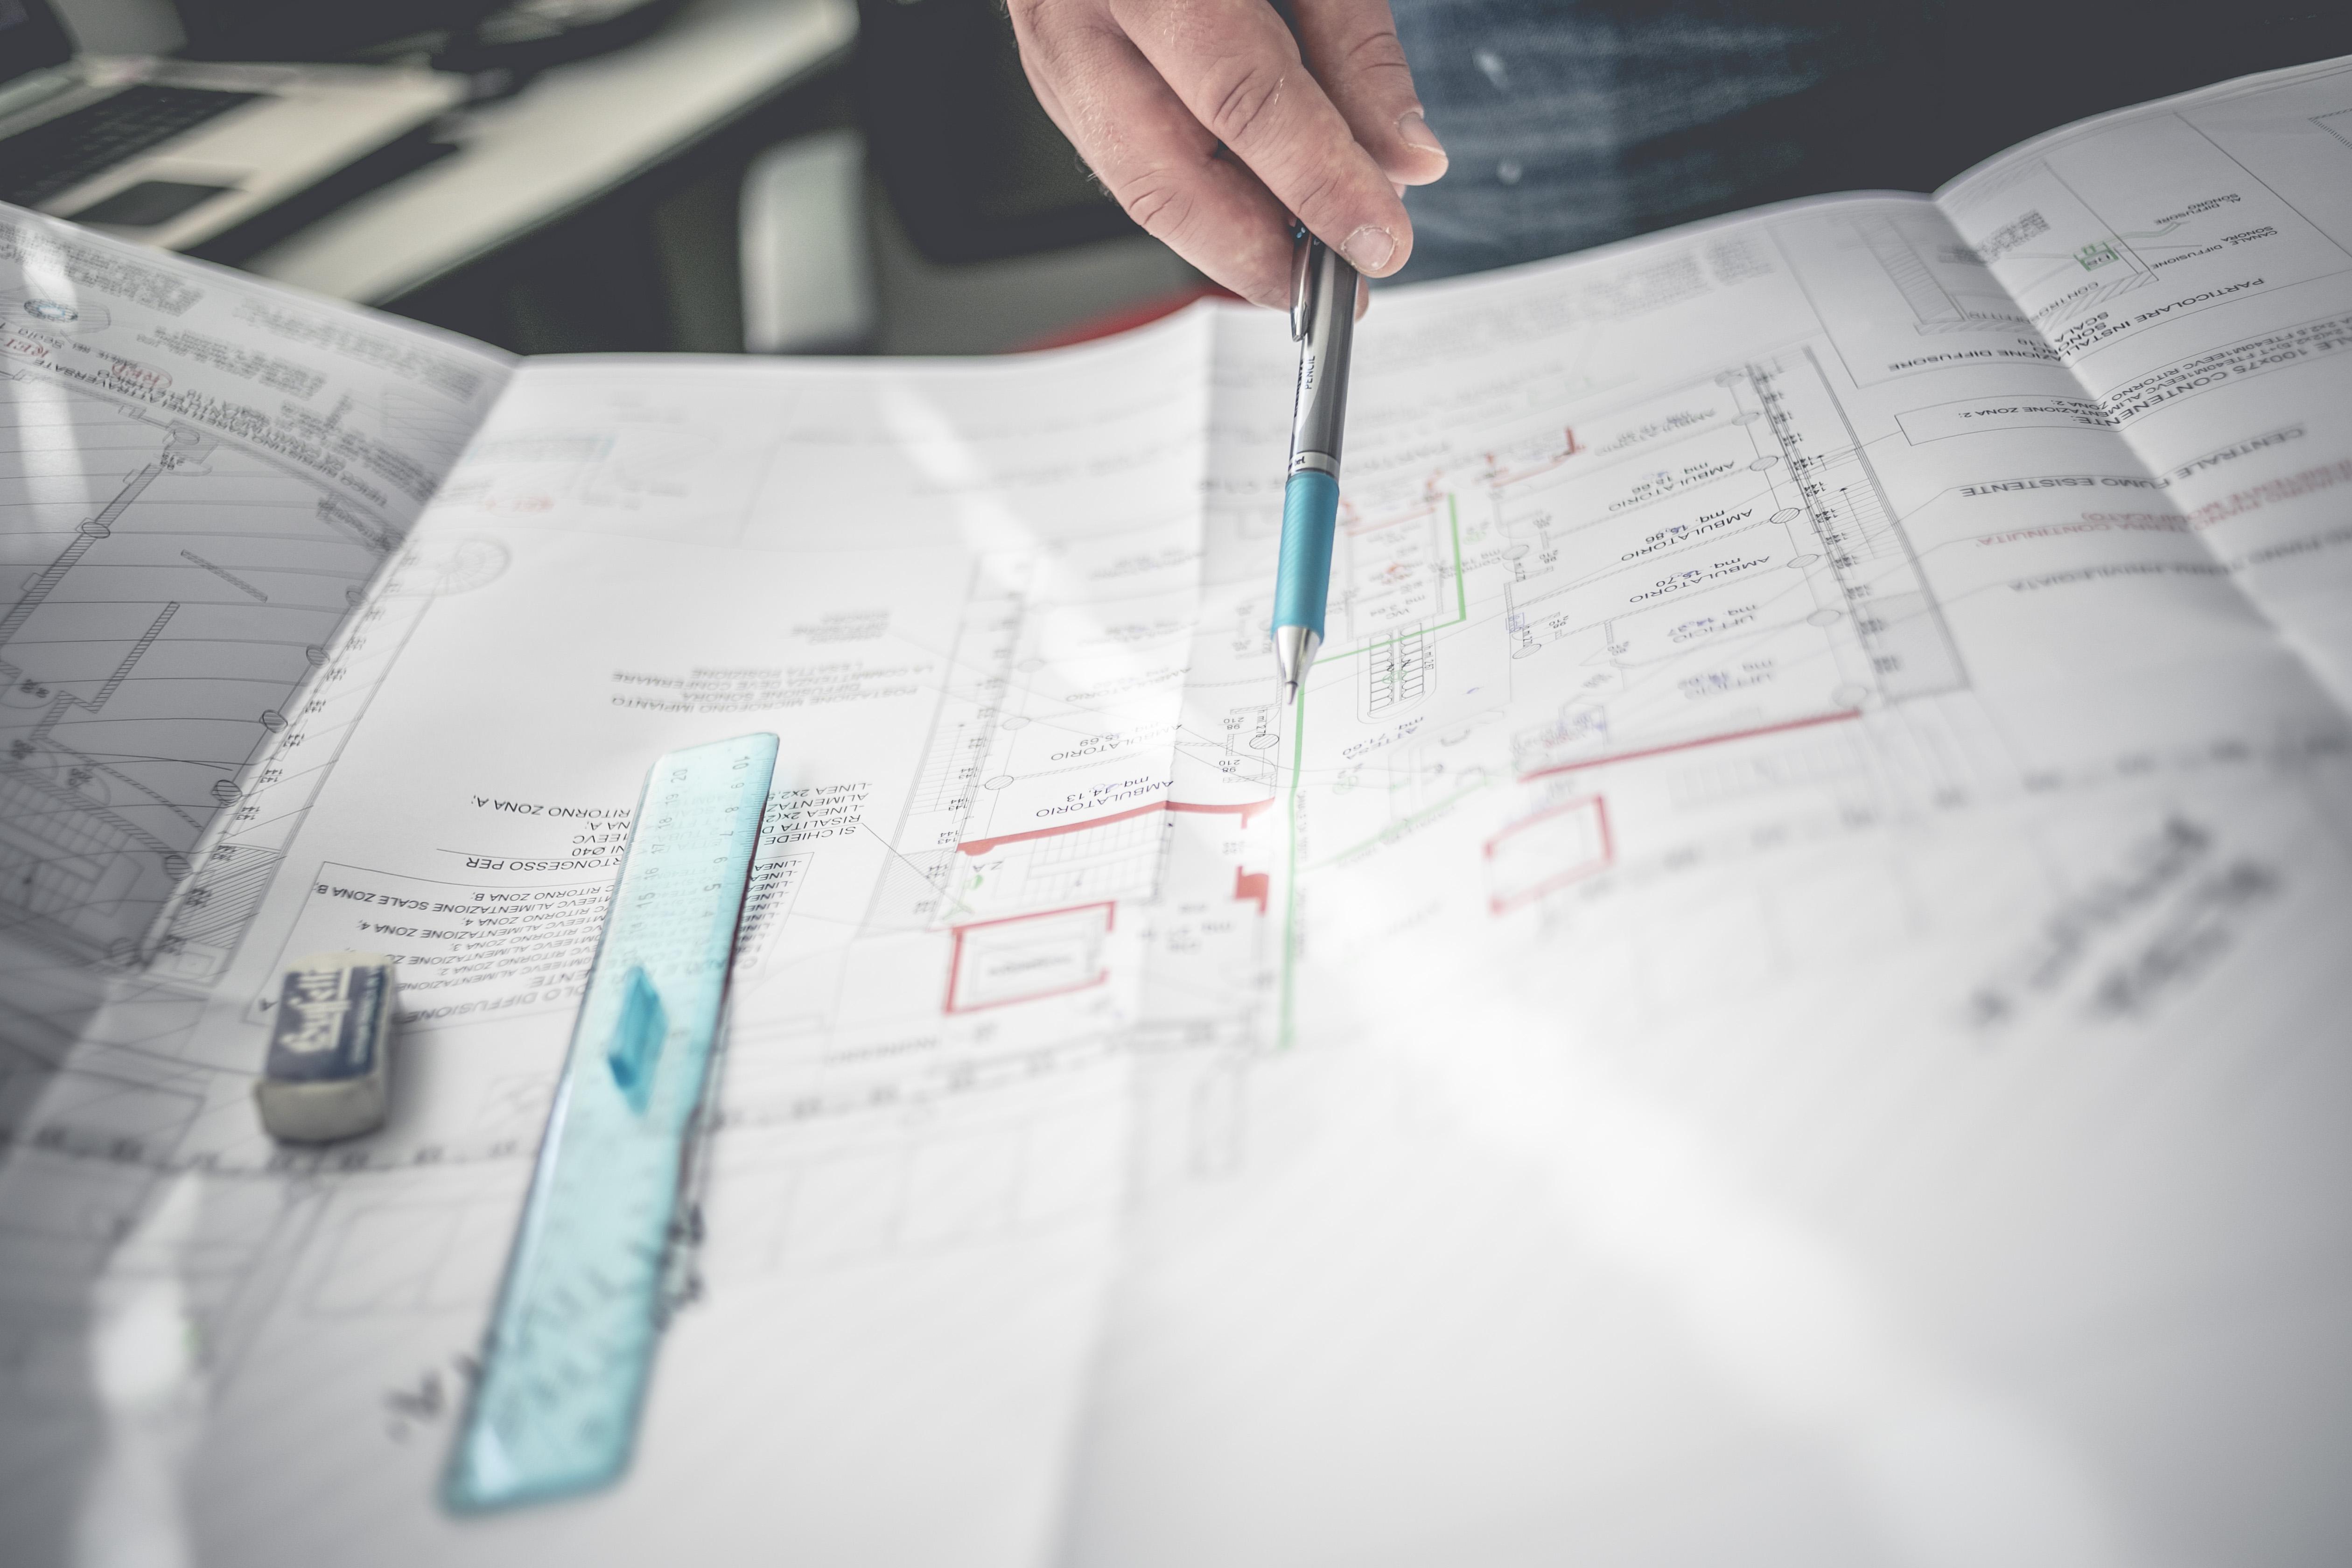 consulenza-progettazione-impianti-elettrici-imola